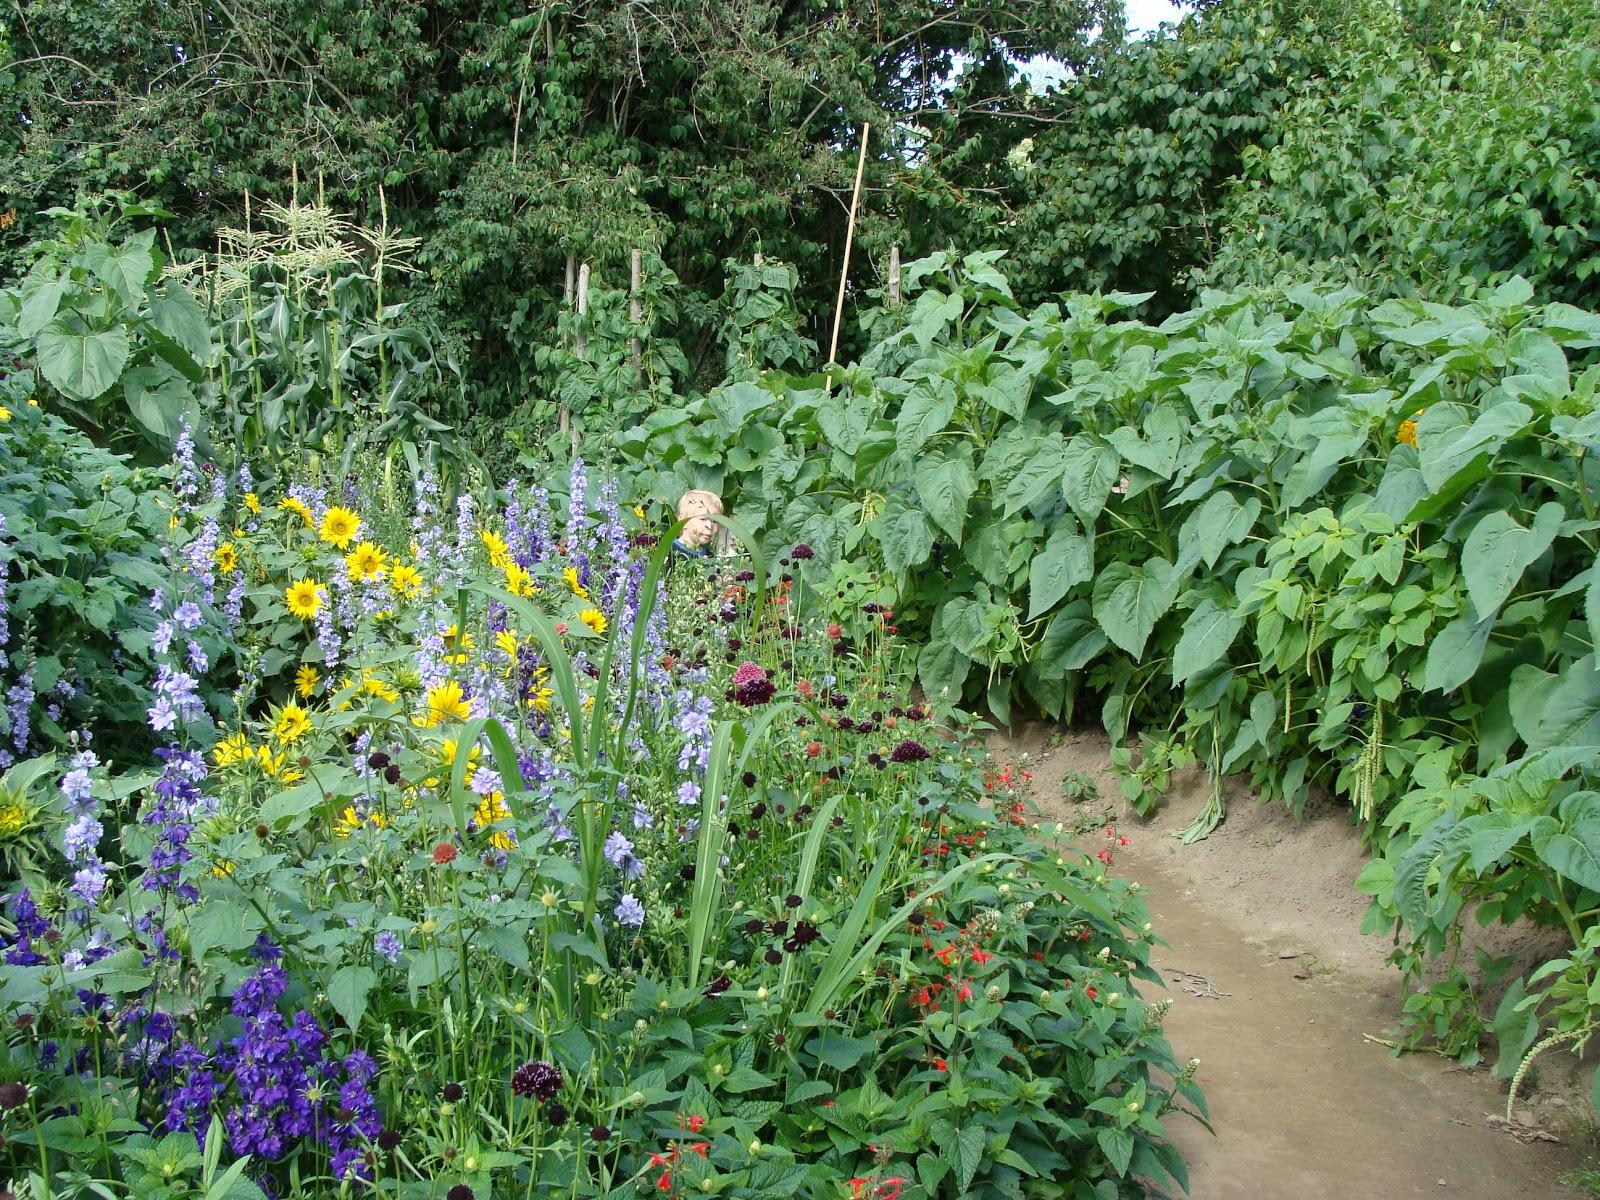 Kungsbacka trädgårdsdesign: pastellandskap à la provence